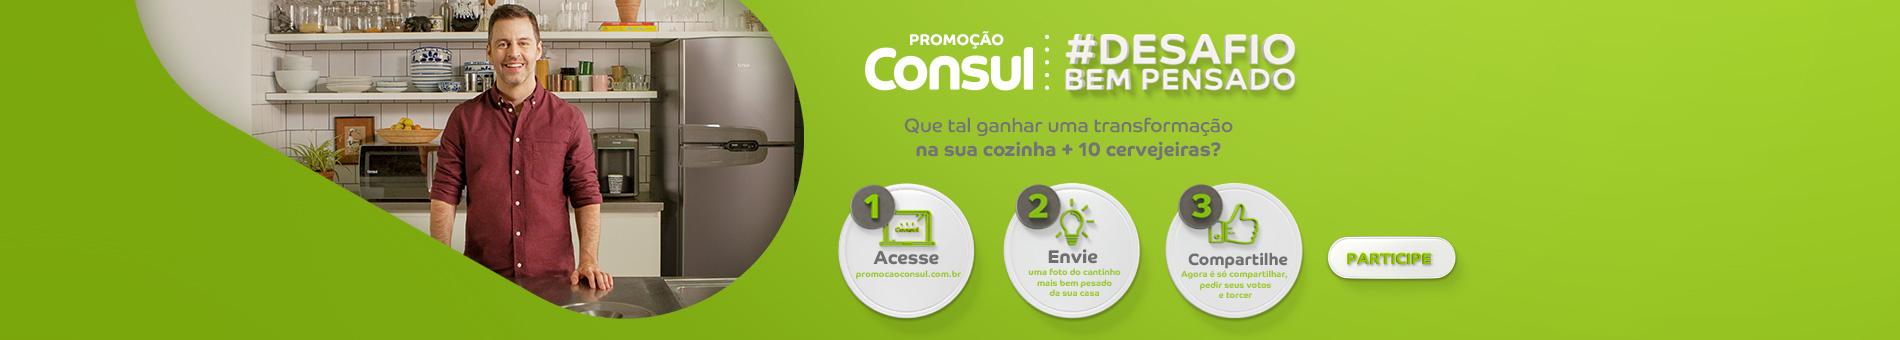 Promoção Interna - 2881 - consul_promobempensada_6122018_home7 - promobempensada - 7